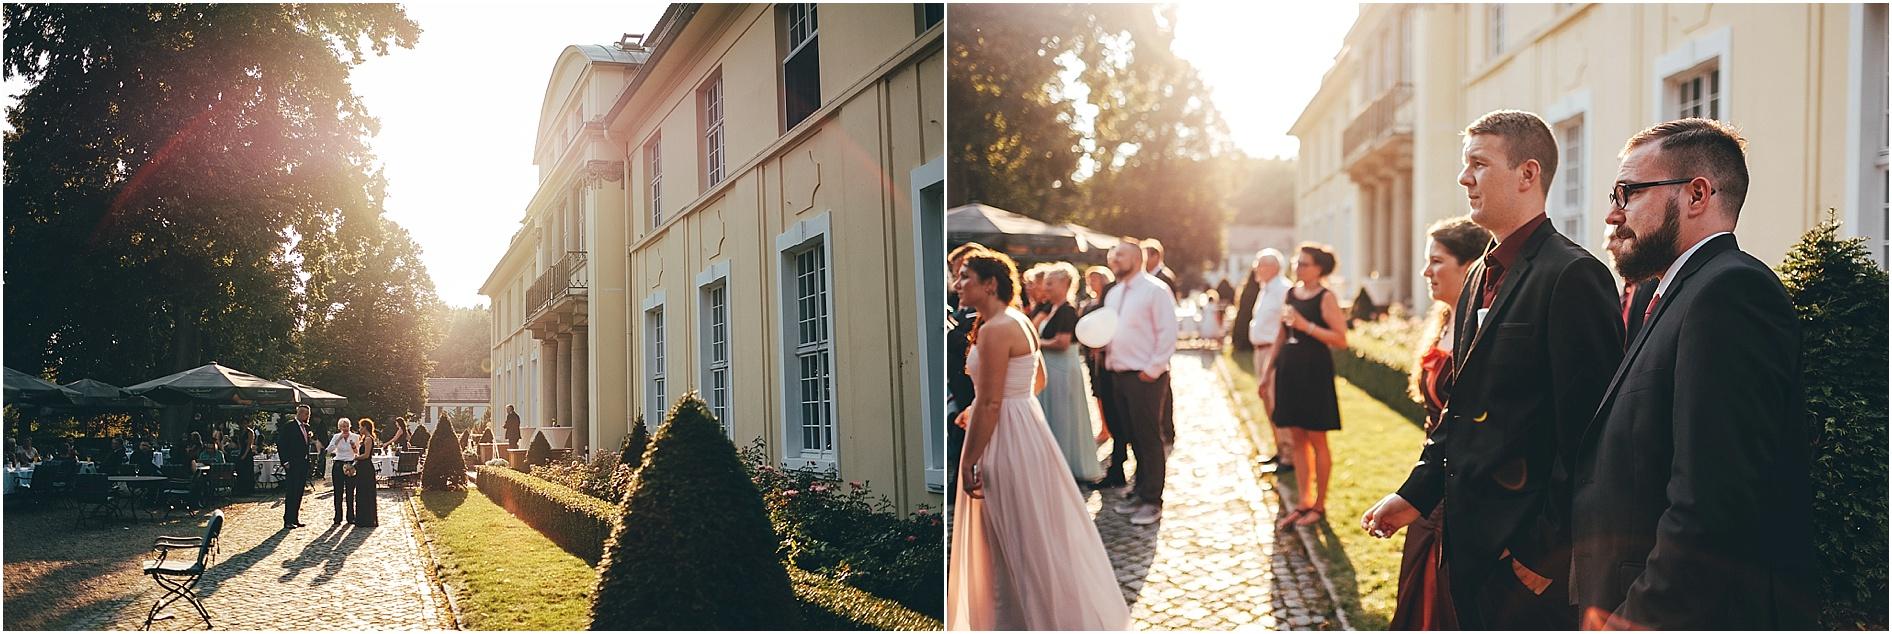 Hochzeitsfotograf Schwerin, Schloss Hasenwinkel, Caro und Marc, 2017-01-17_0098.jpg